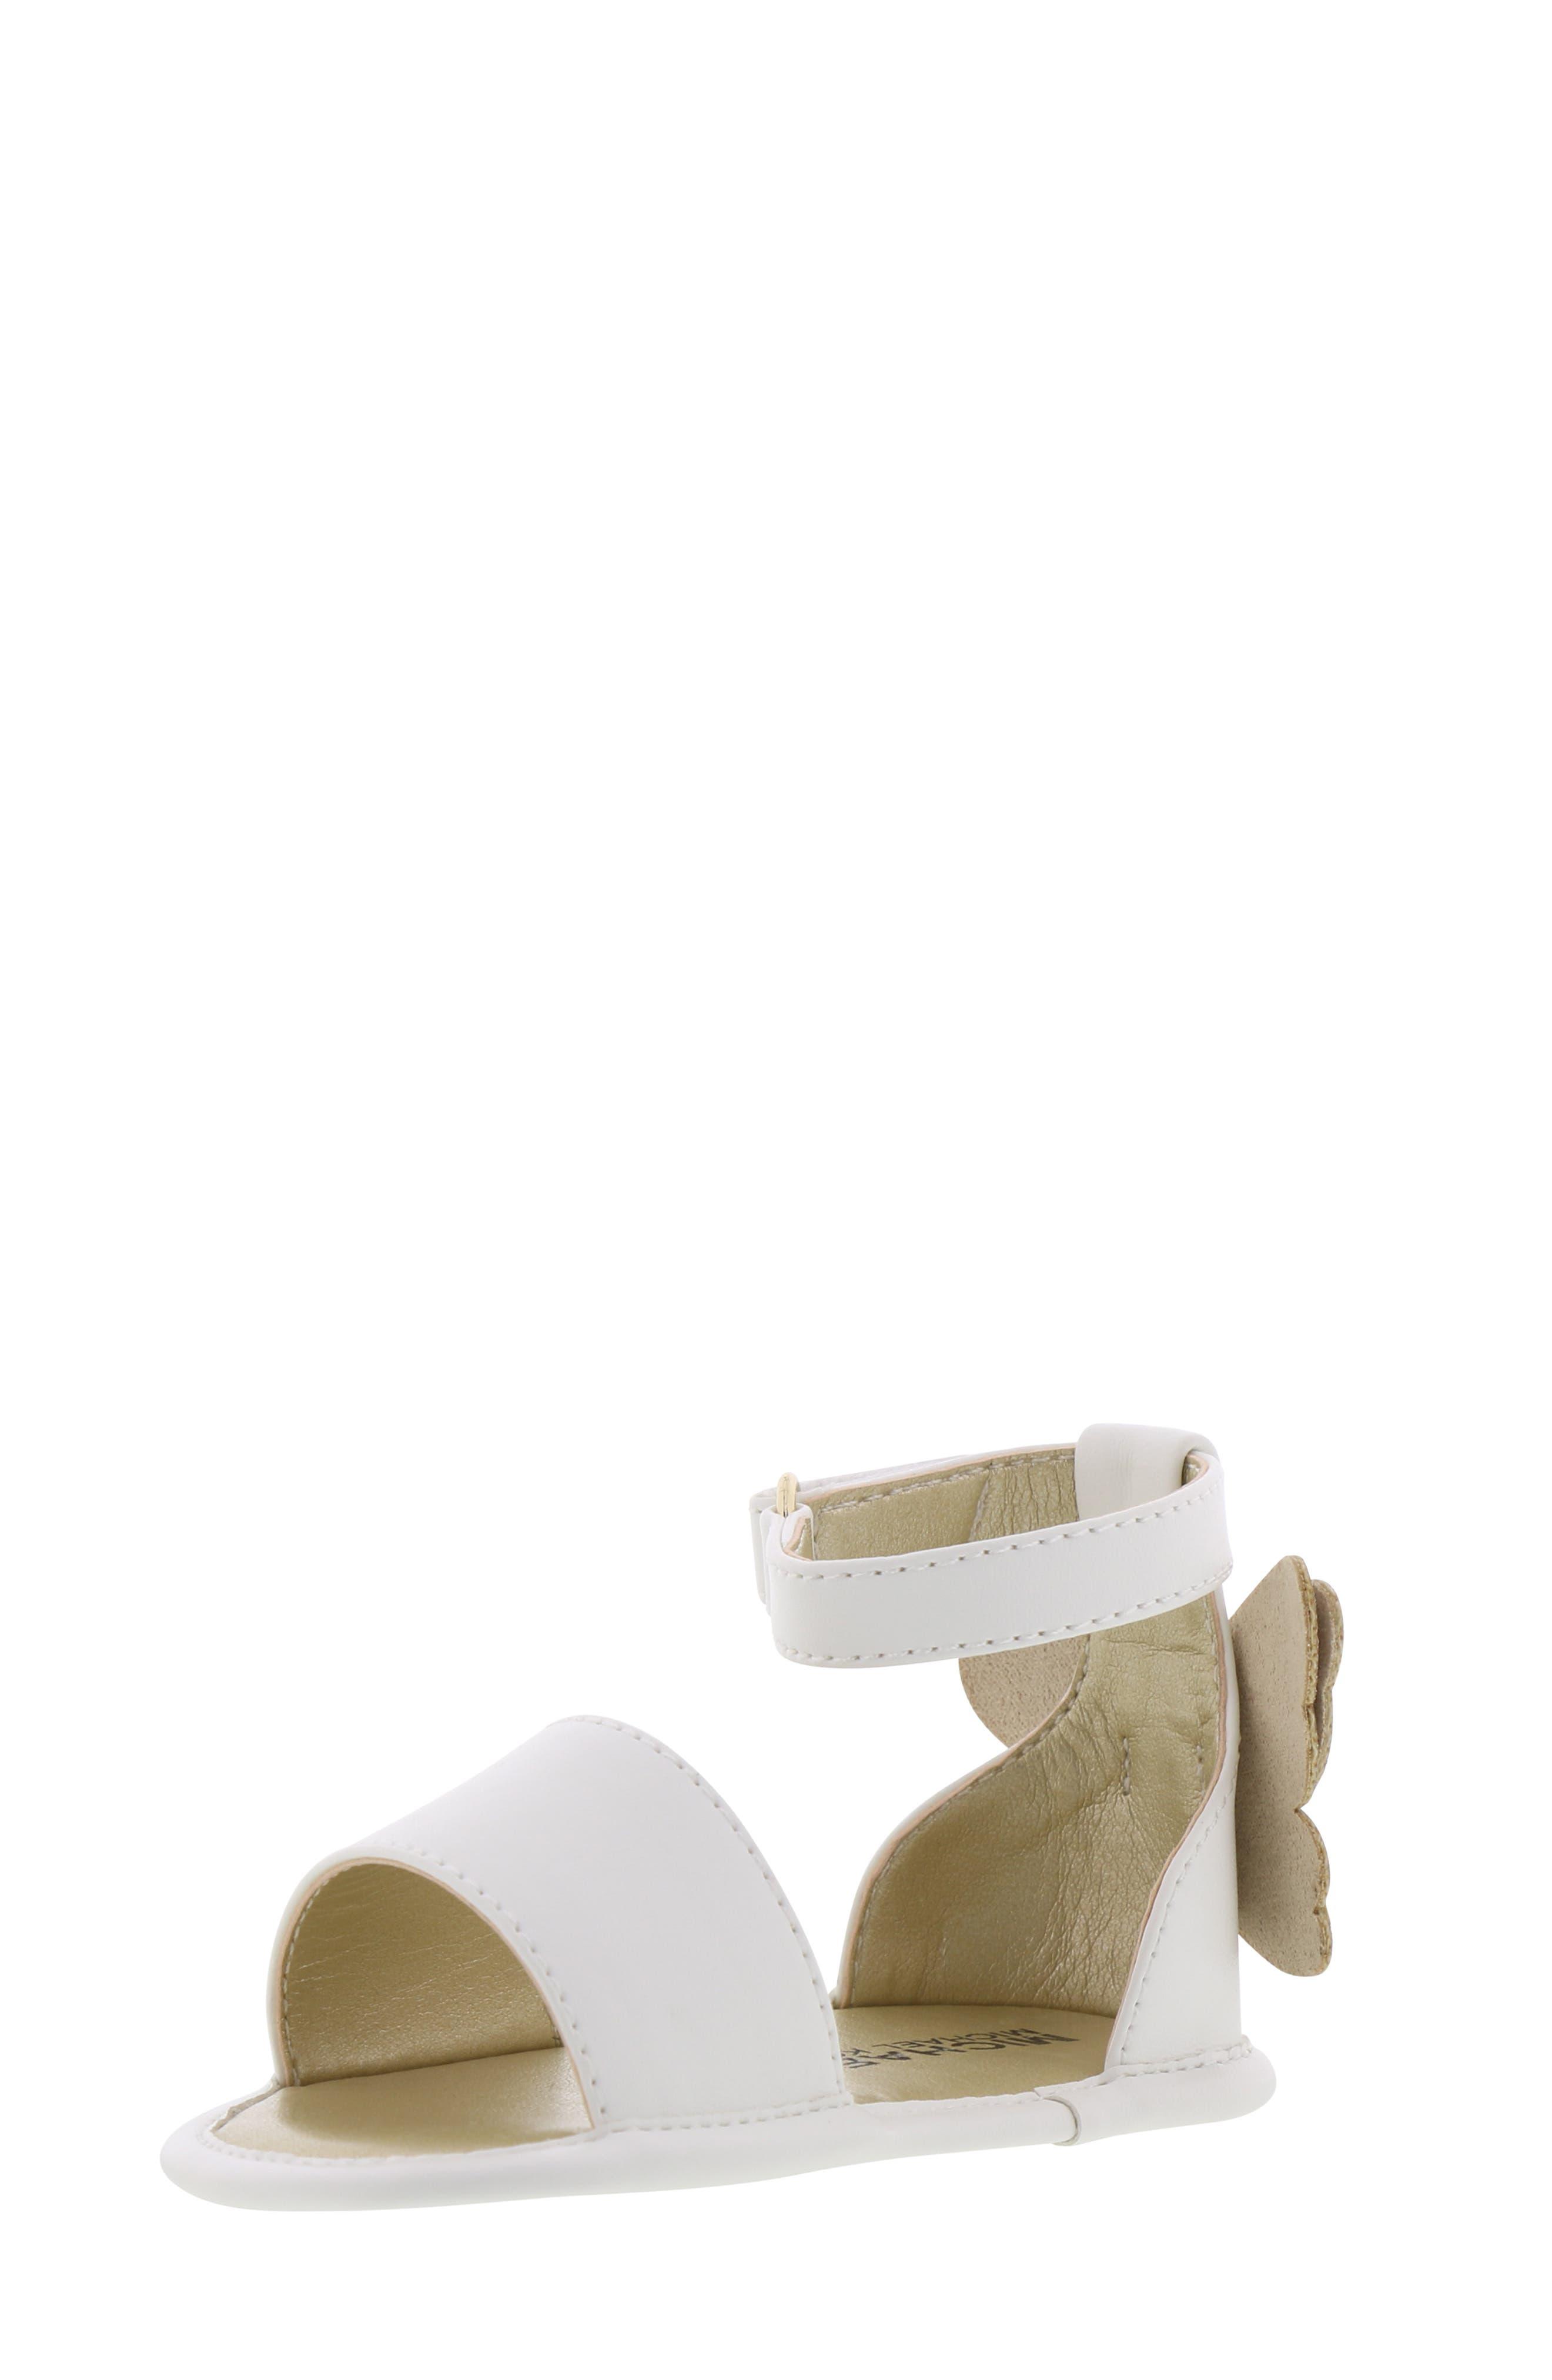 Tilly Sansa Glitter Sandal,                             Alternate thumbnail 9, color,                             WHITE